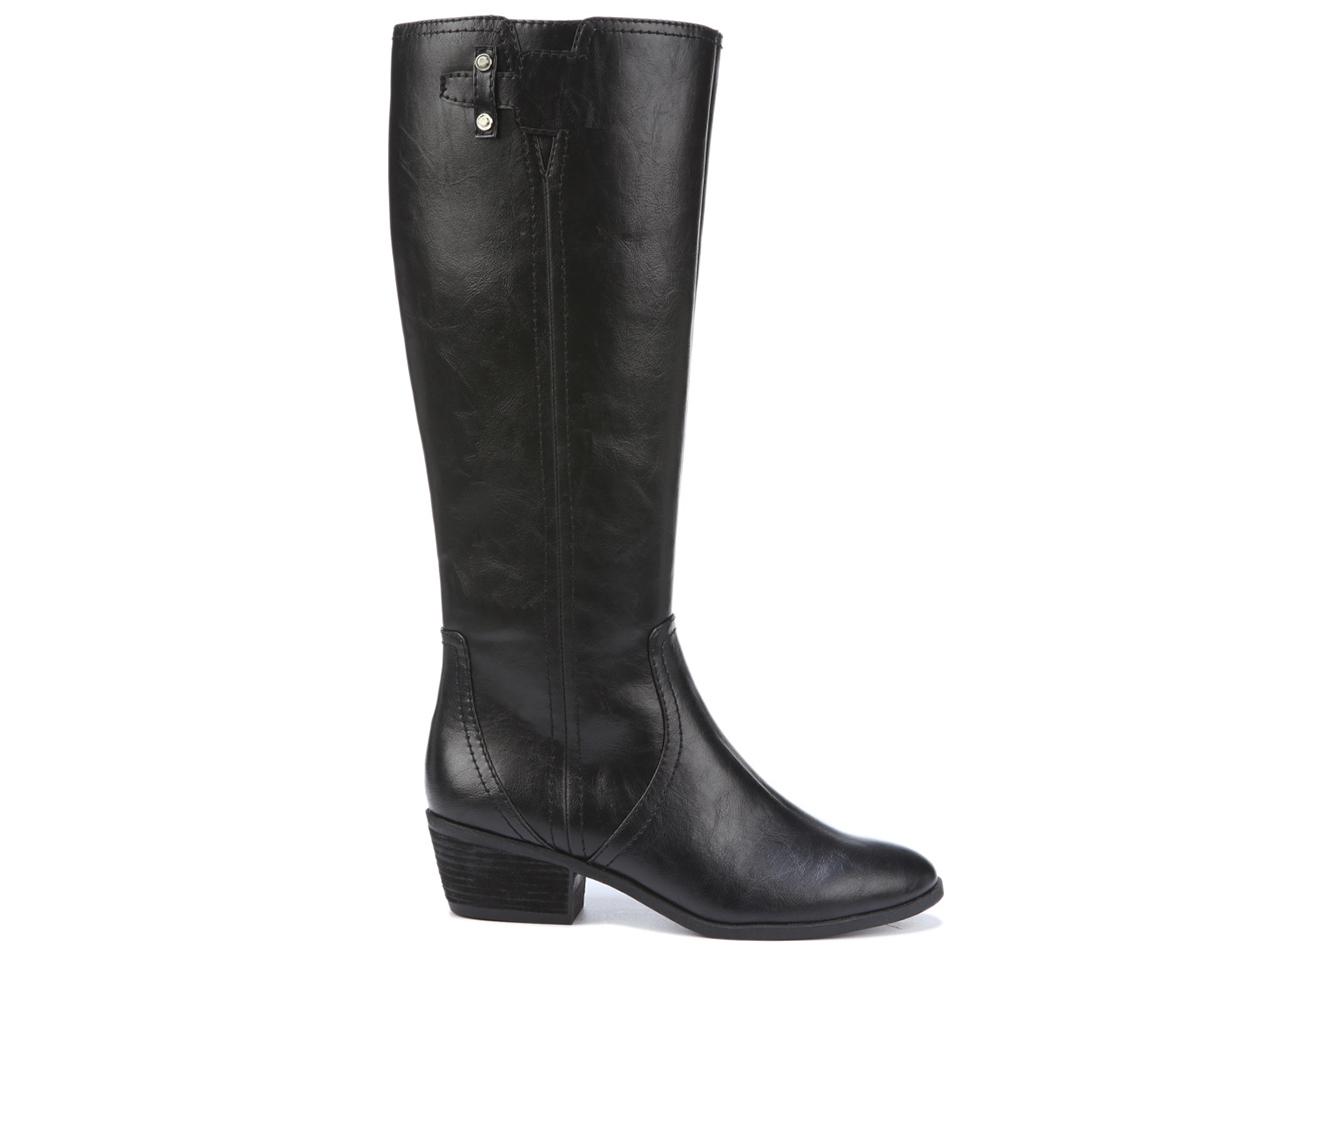 Dr. Scholls Brilliance Women's Boot (Black Faux Leather)